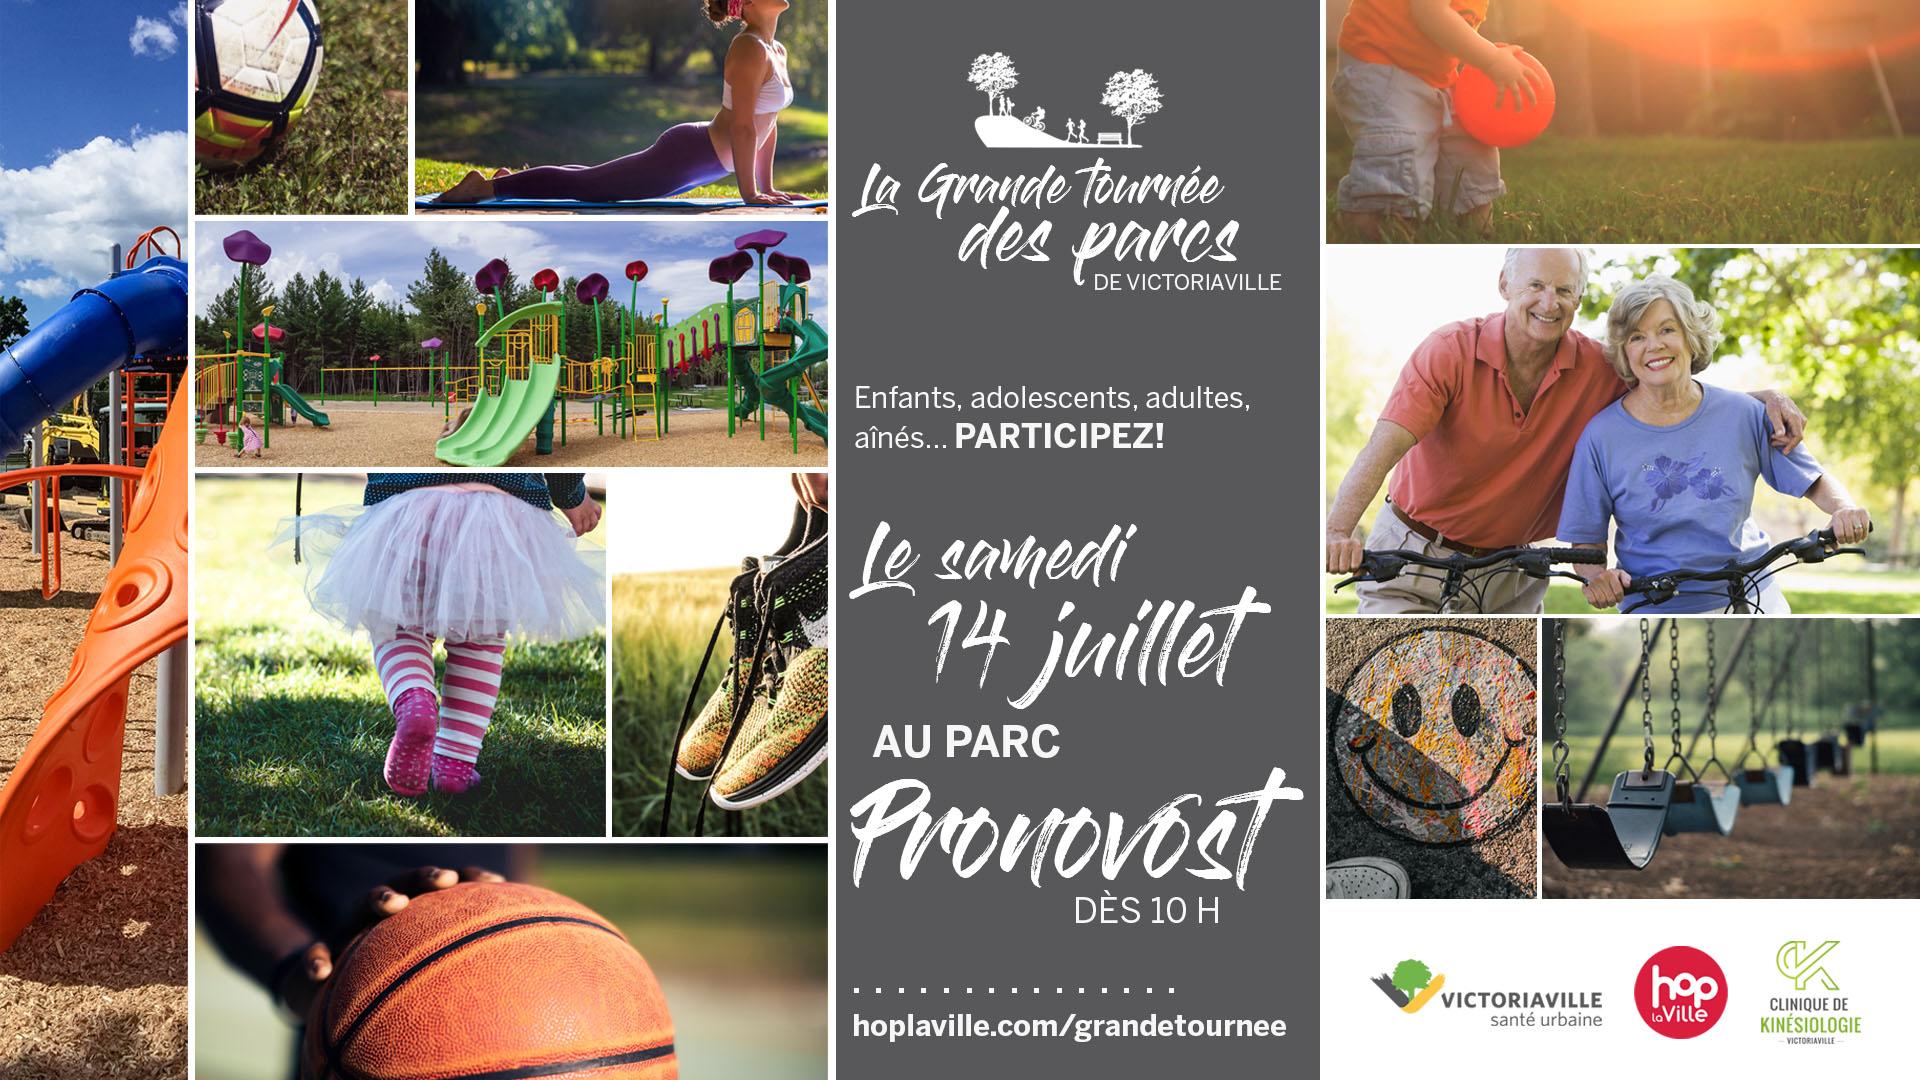 La Grande tournée des parcs - Pronovost